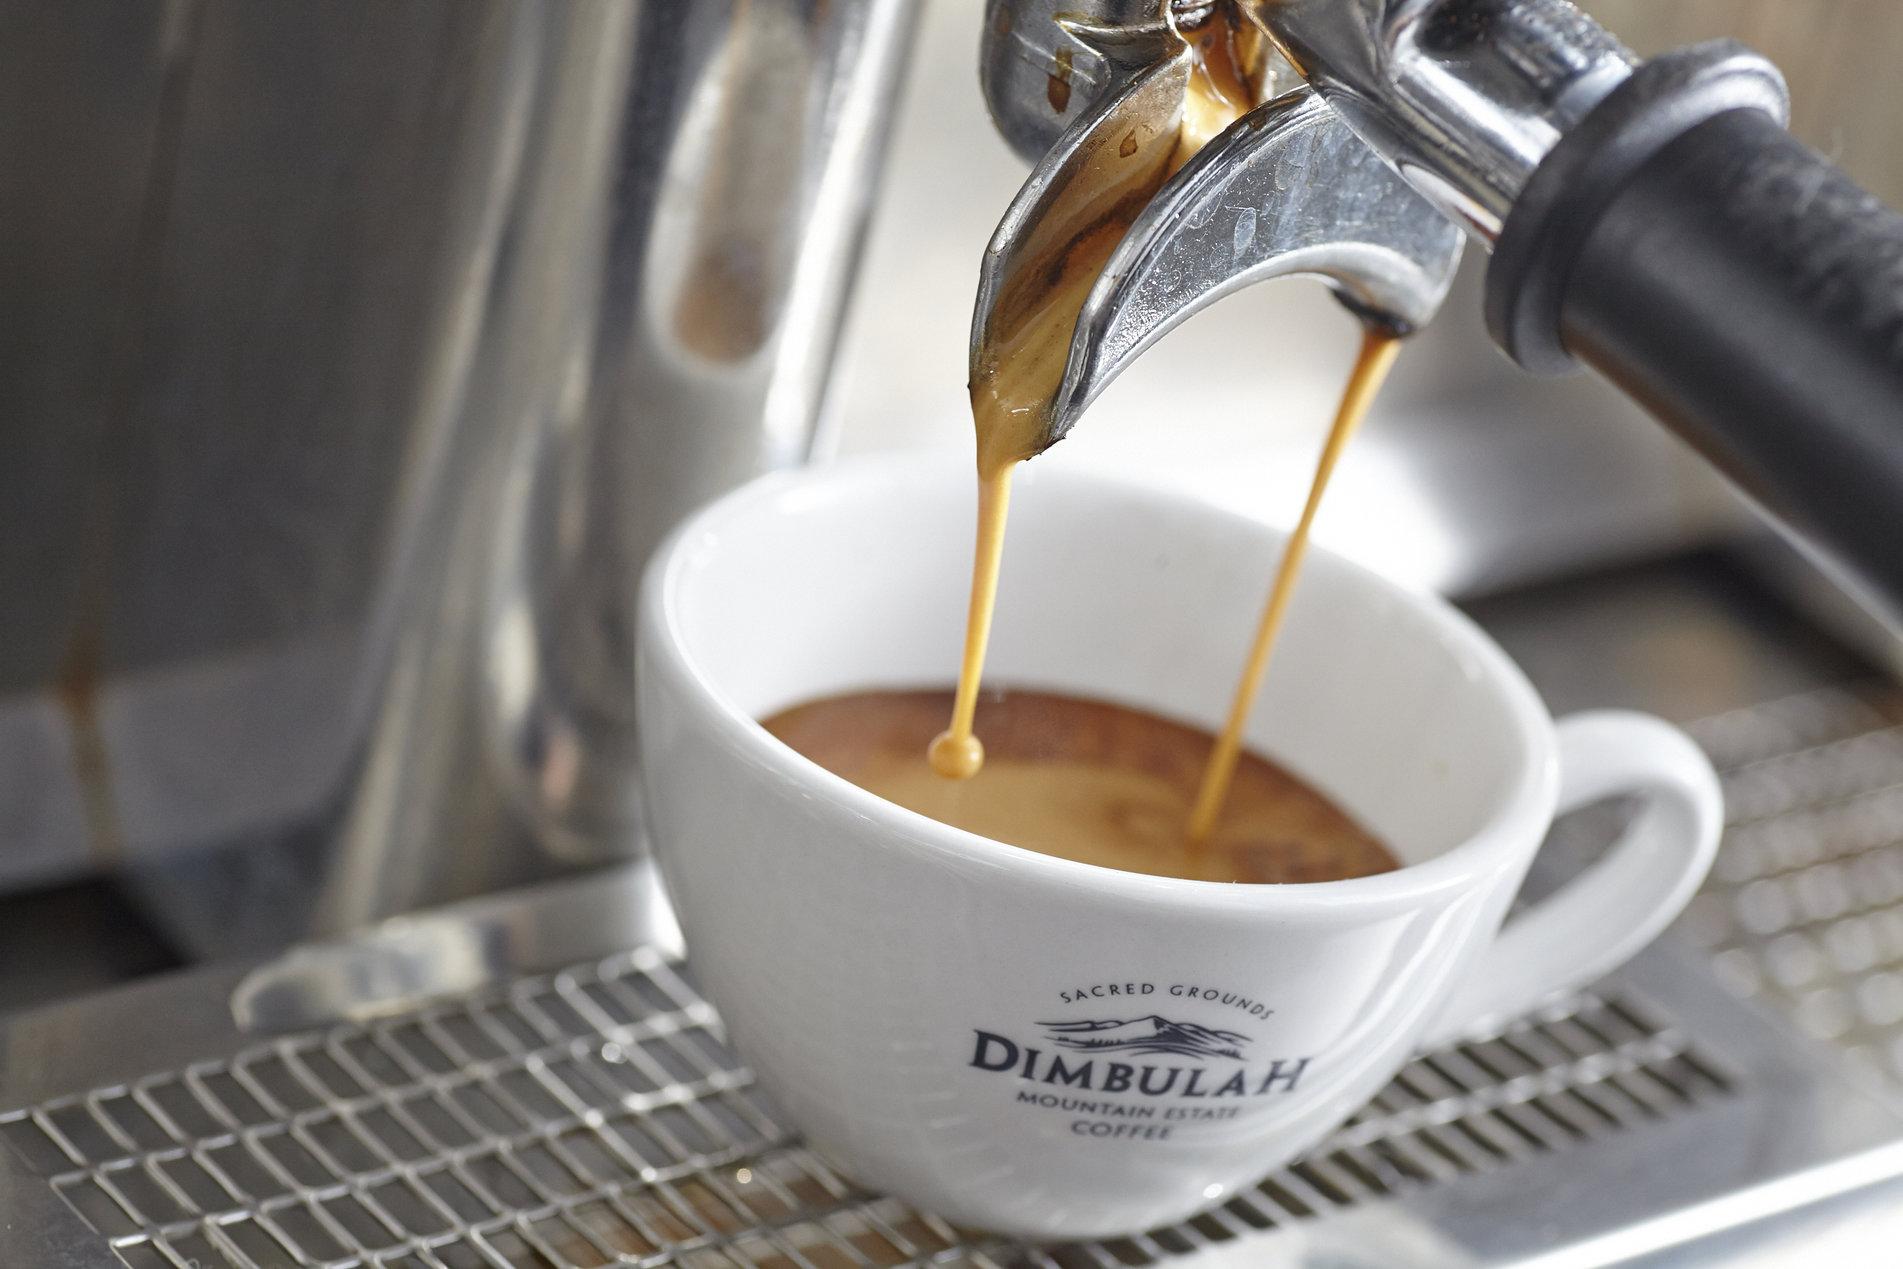 dimbulah coffee